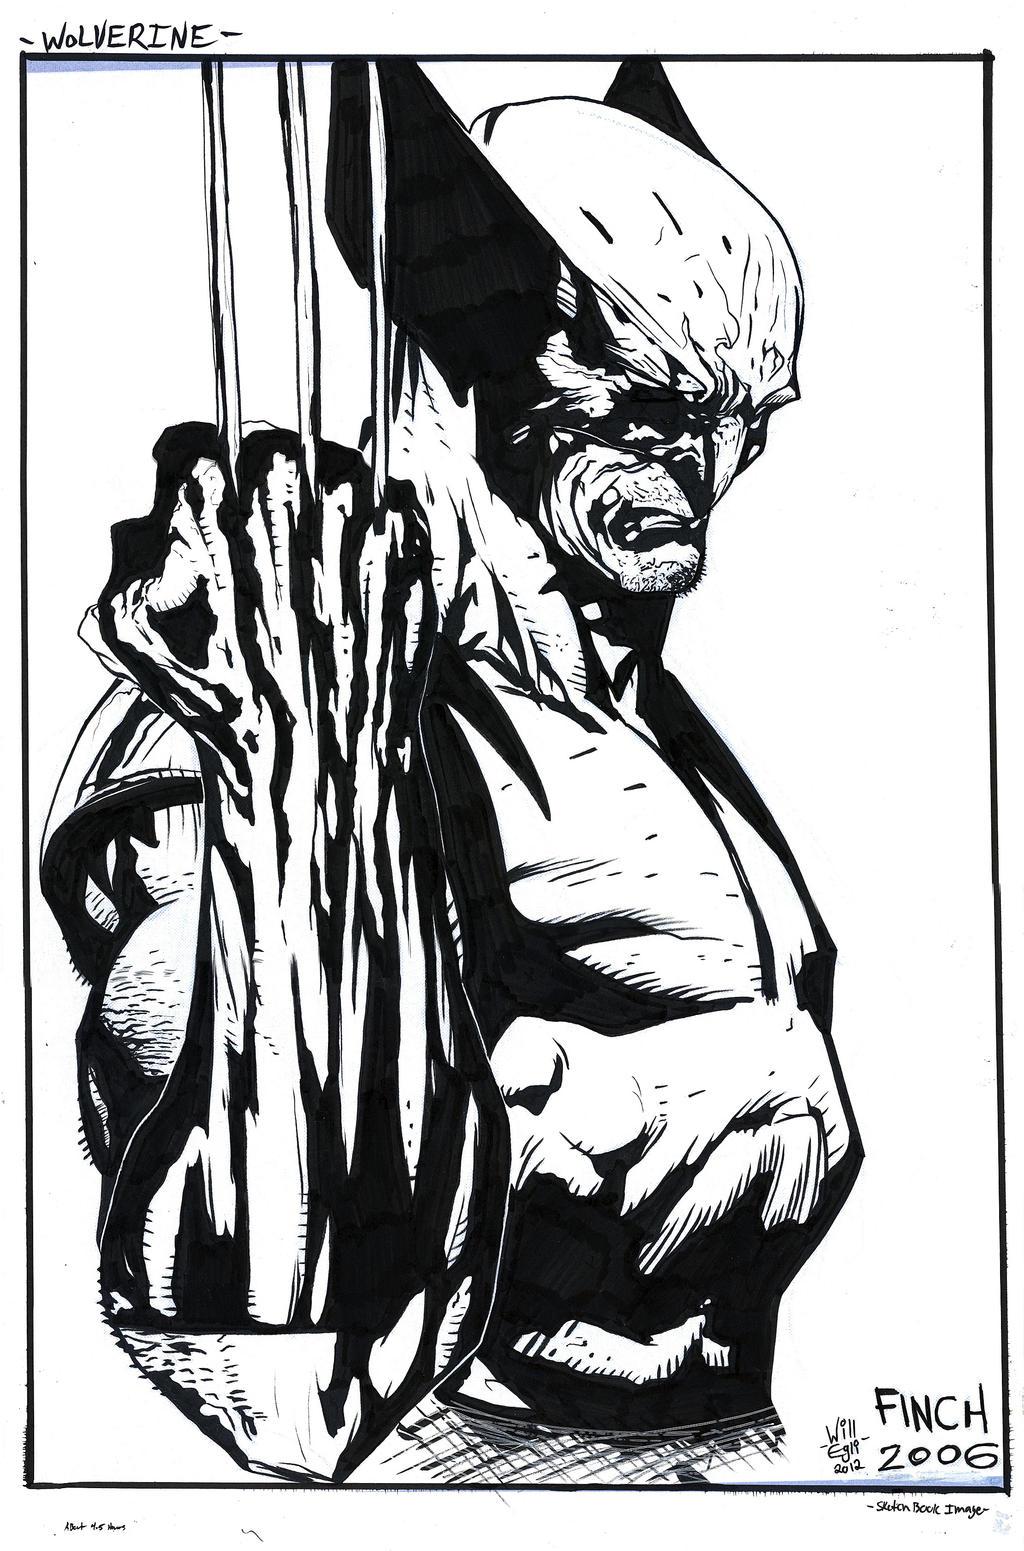 Wolverine - Finch - Egli - Inks by SurfTiki